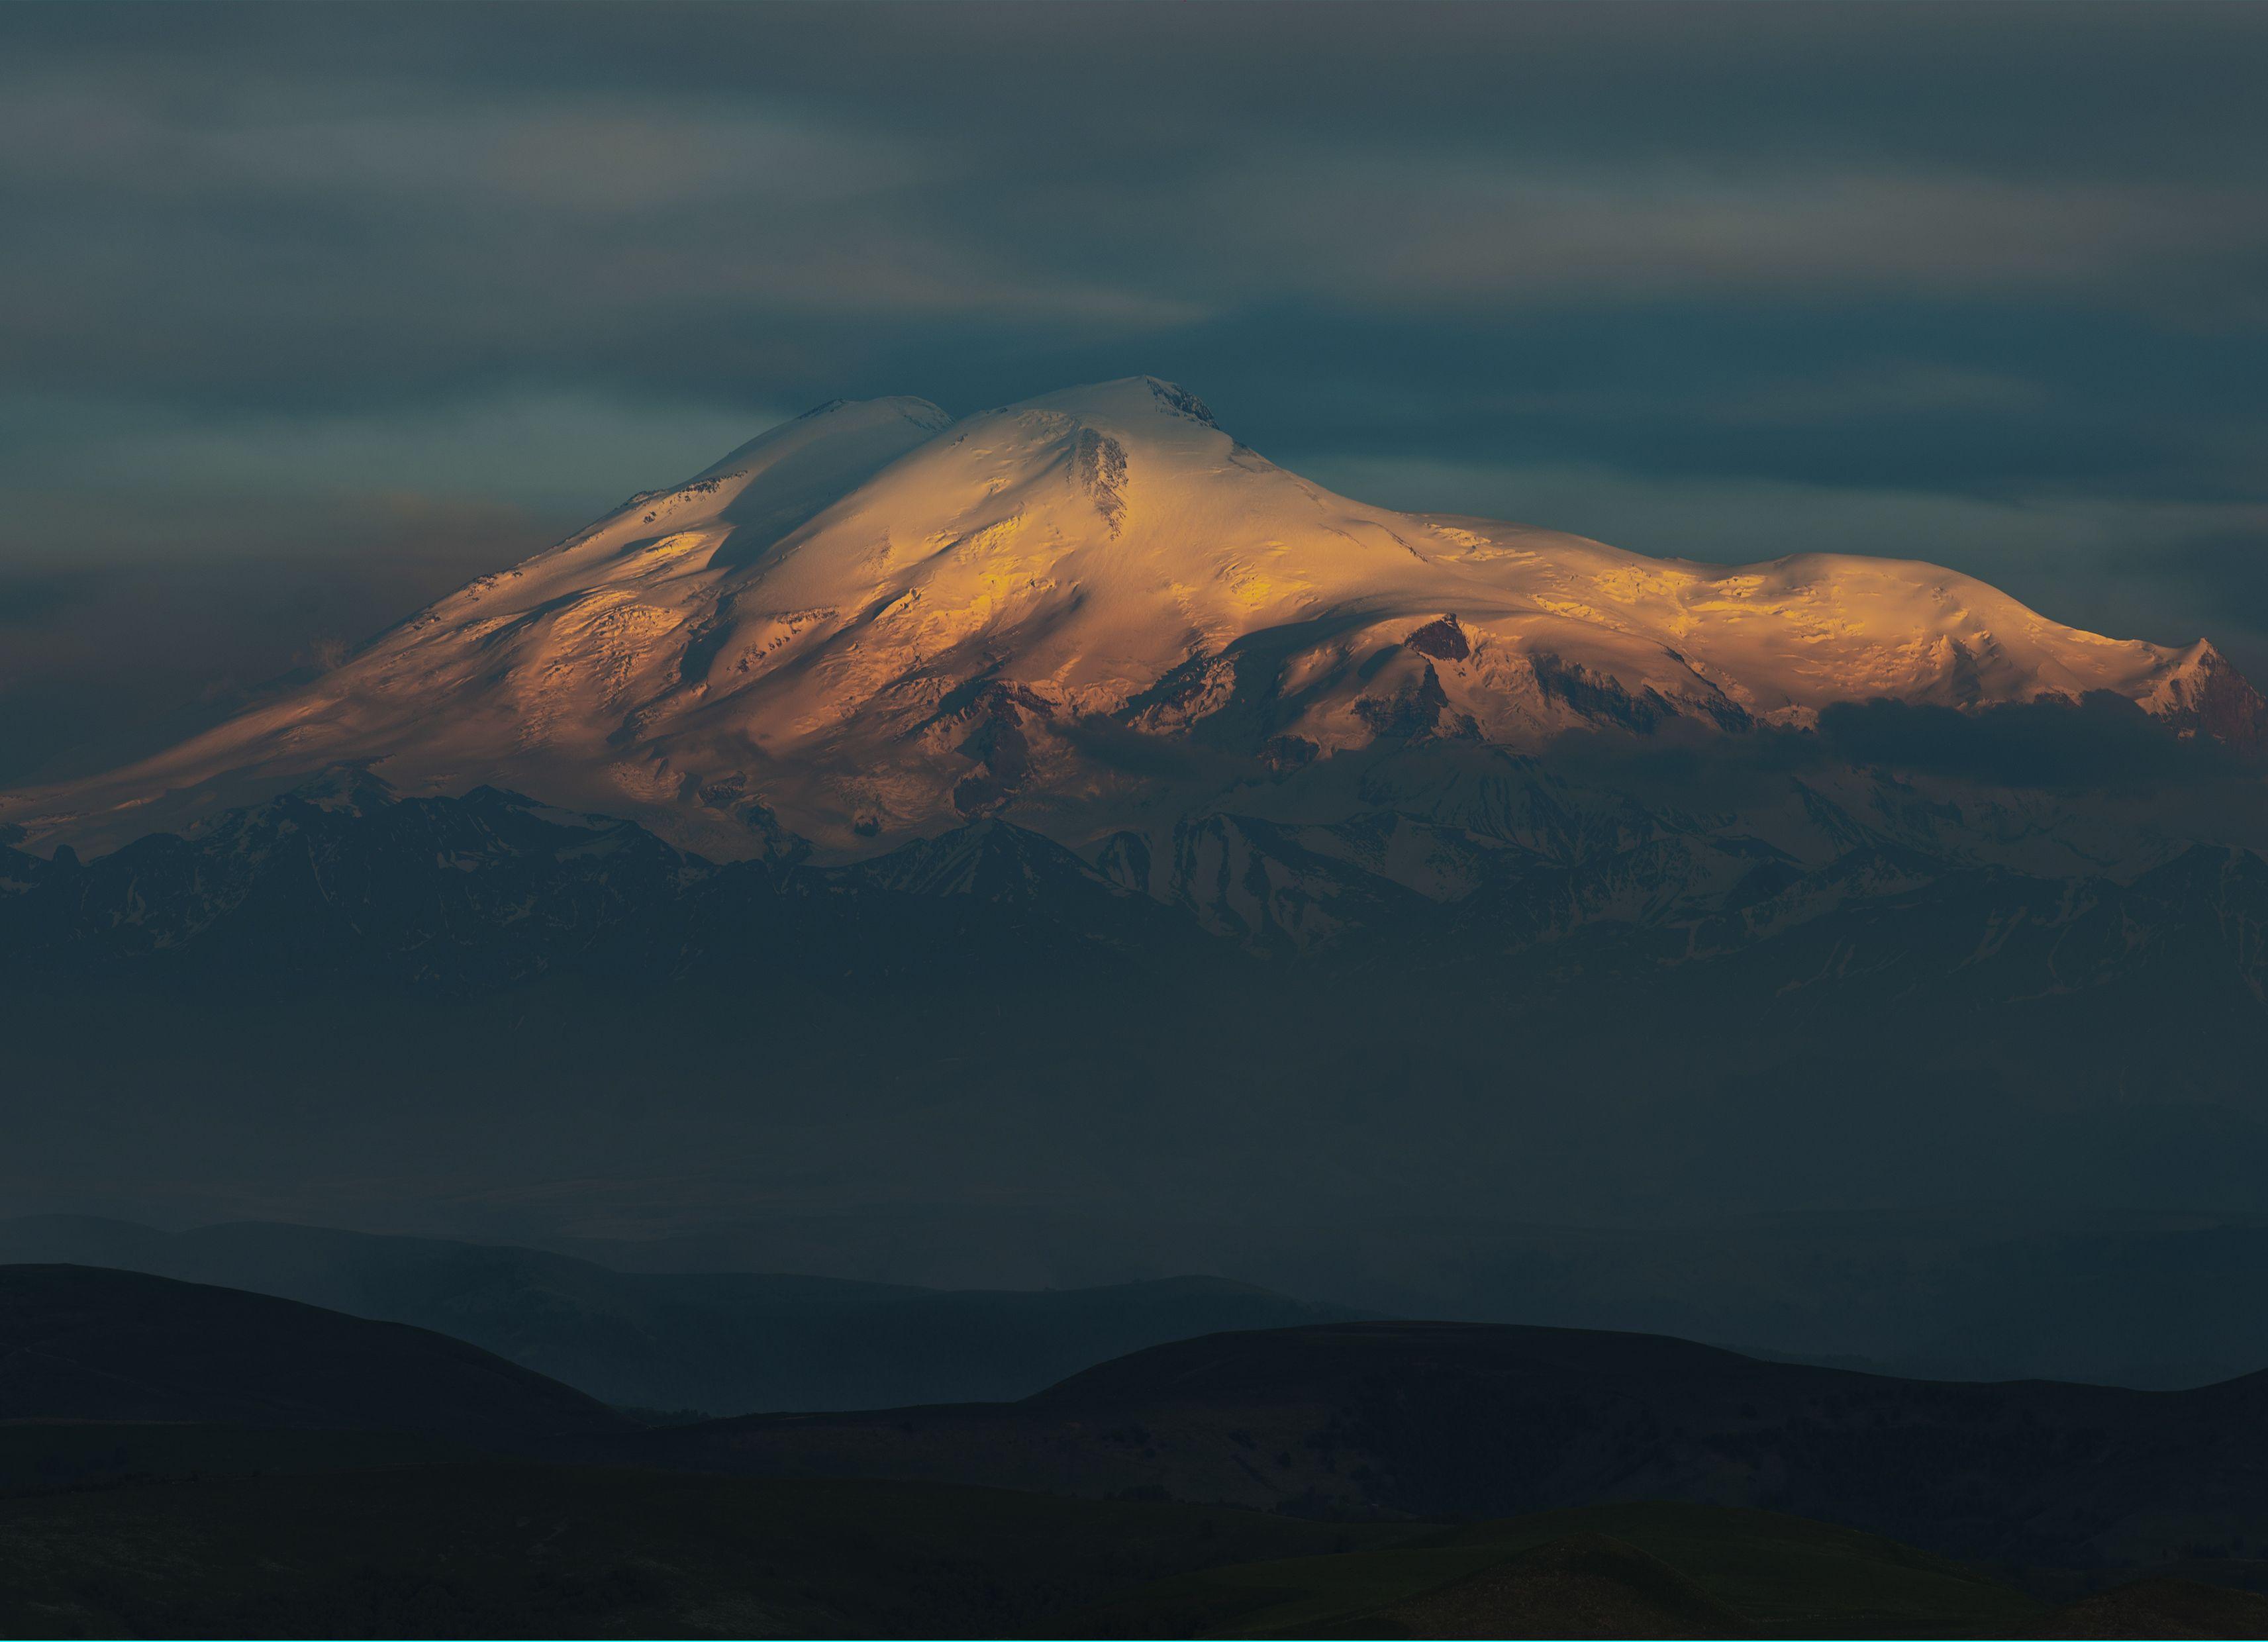 эльбрус, закат, горы, карачаево-черкесия,свет, облака, Алабердов Арсен